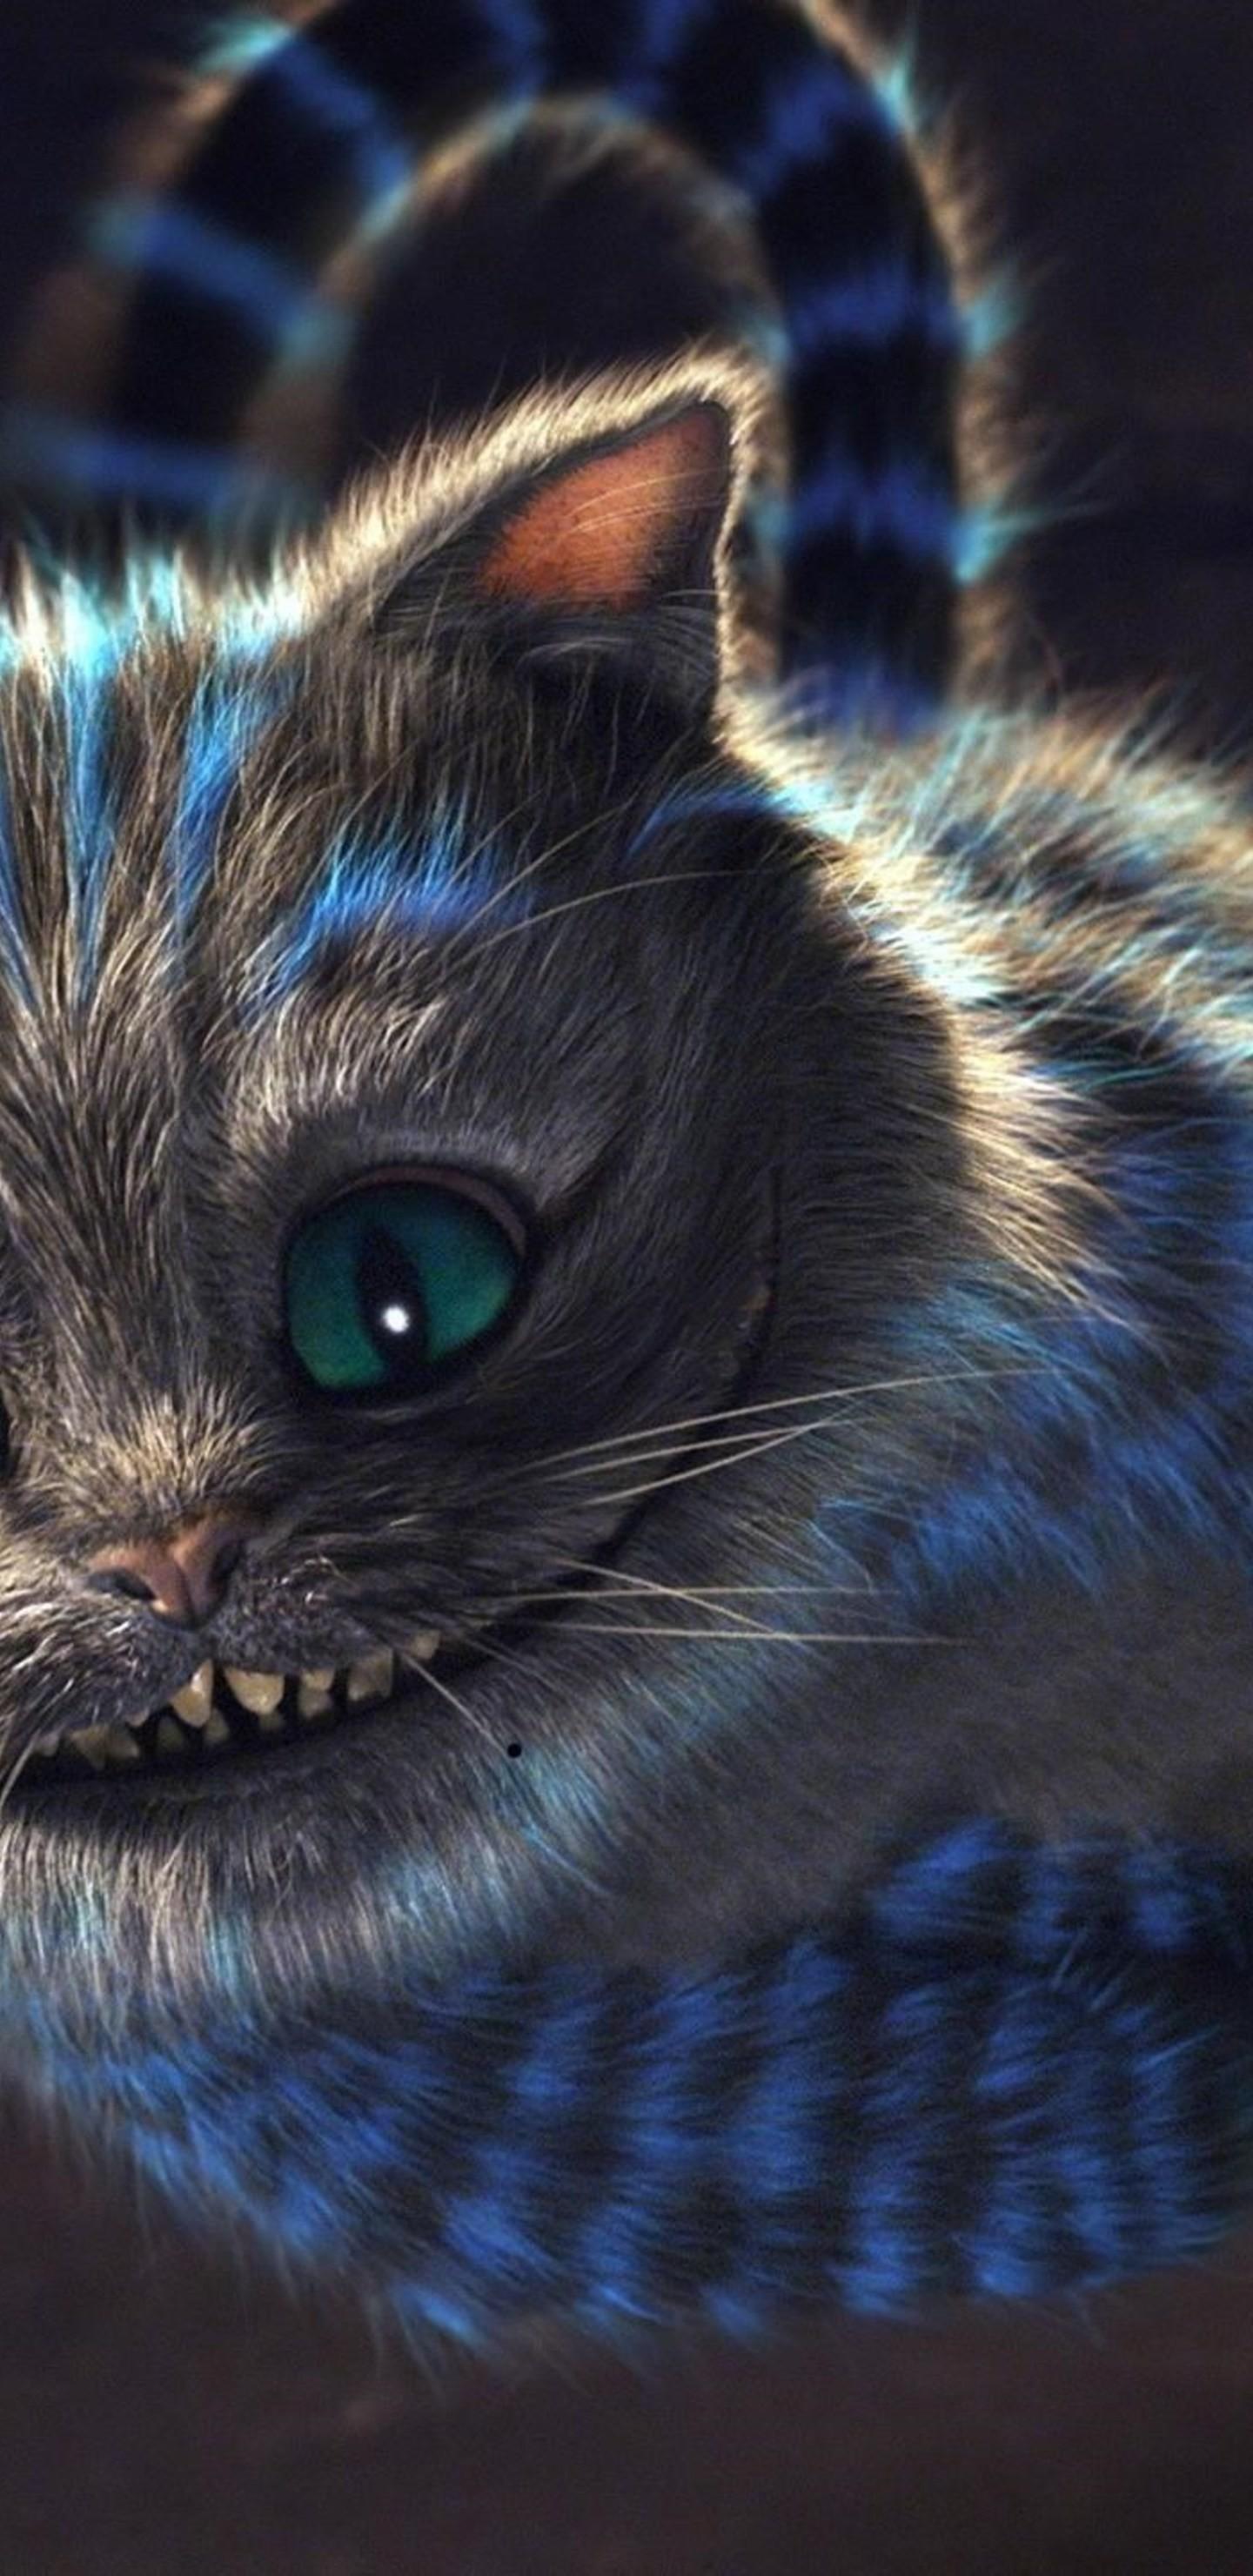 Res: 1440x2960, cheshire-cat.jpg